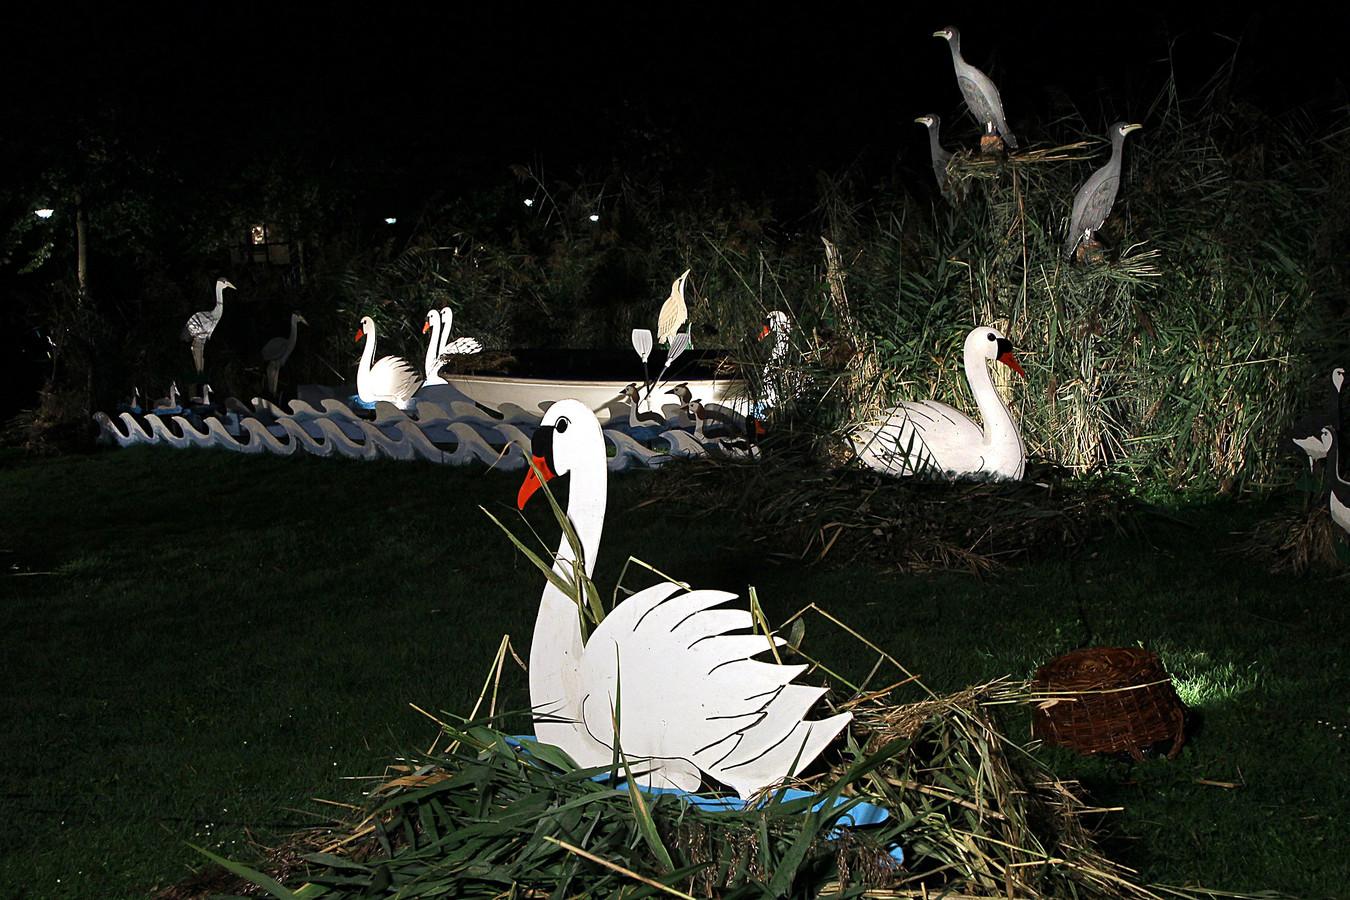 Het tentfeest is afgelast, maar de lichtroute van het Septemberfeest in Borculo gaat mogelijk nog wel door.